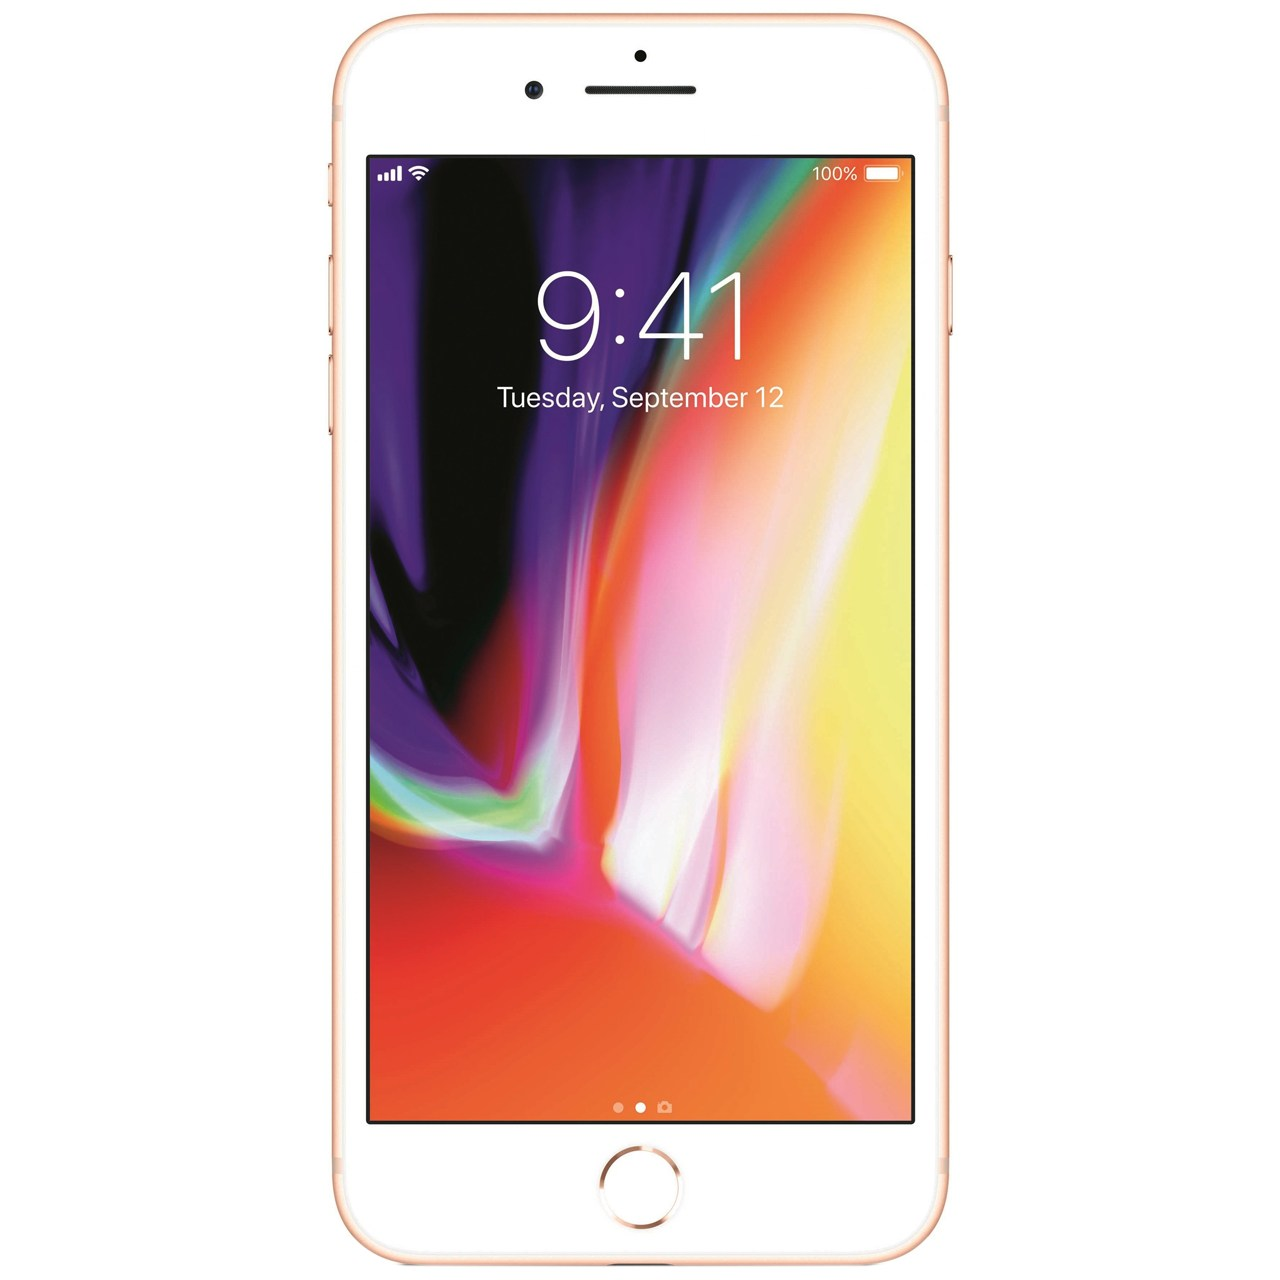 گوشی موبایل اپل مدل iPhone 8 ظرفیت ۶۴ گیگابایت